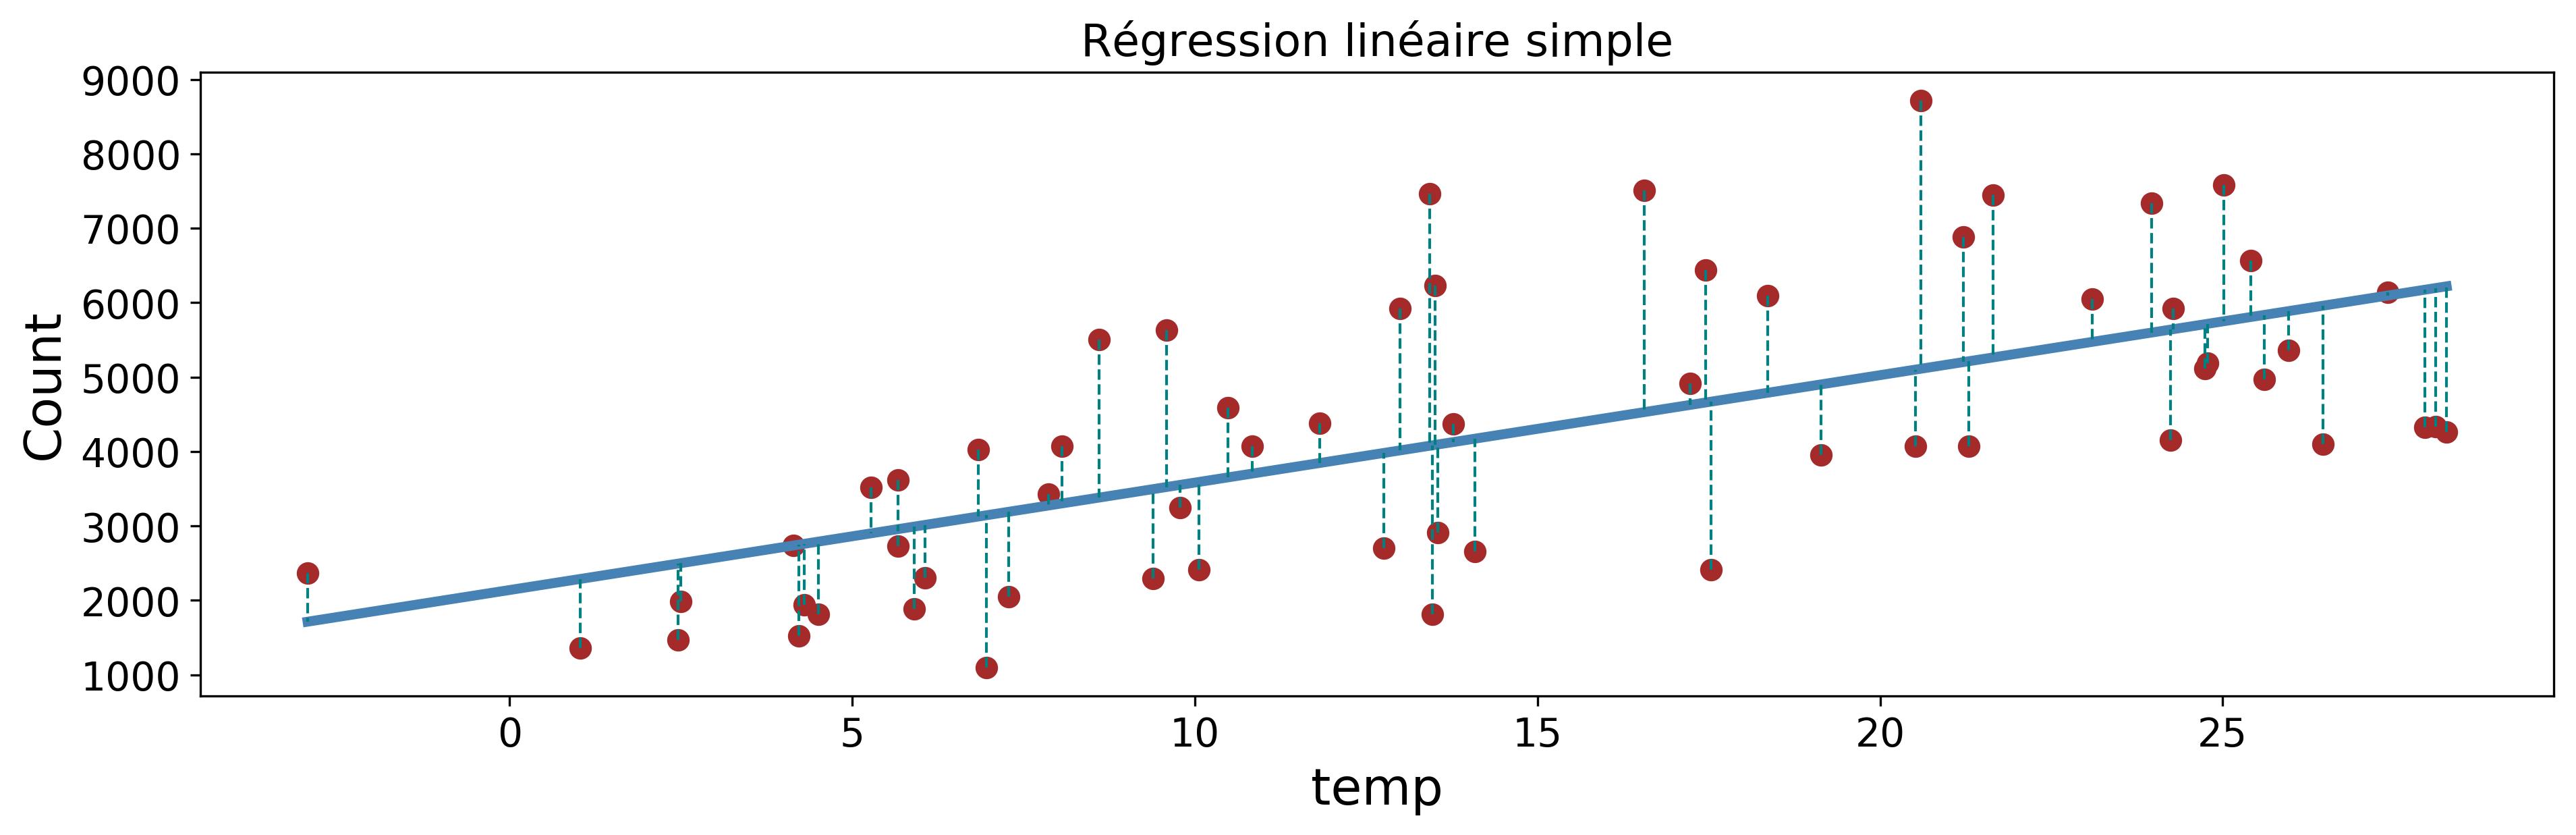 Droite de régression linéaire. Les points rouges sont les données ; les erreurs sont matérialisées par les lignes en pointillé